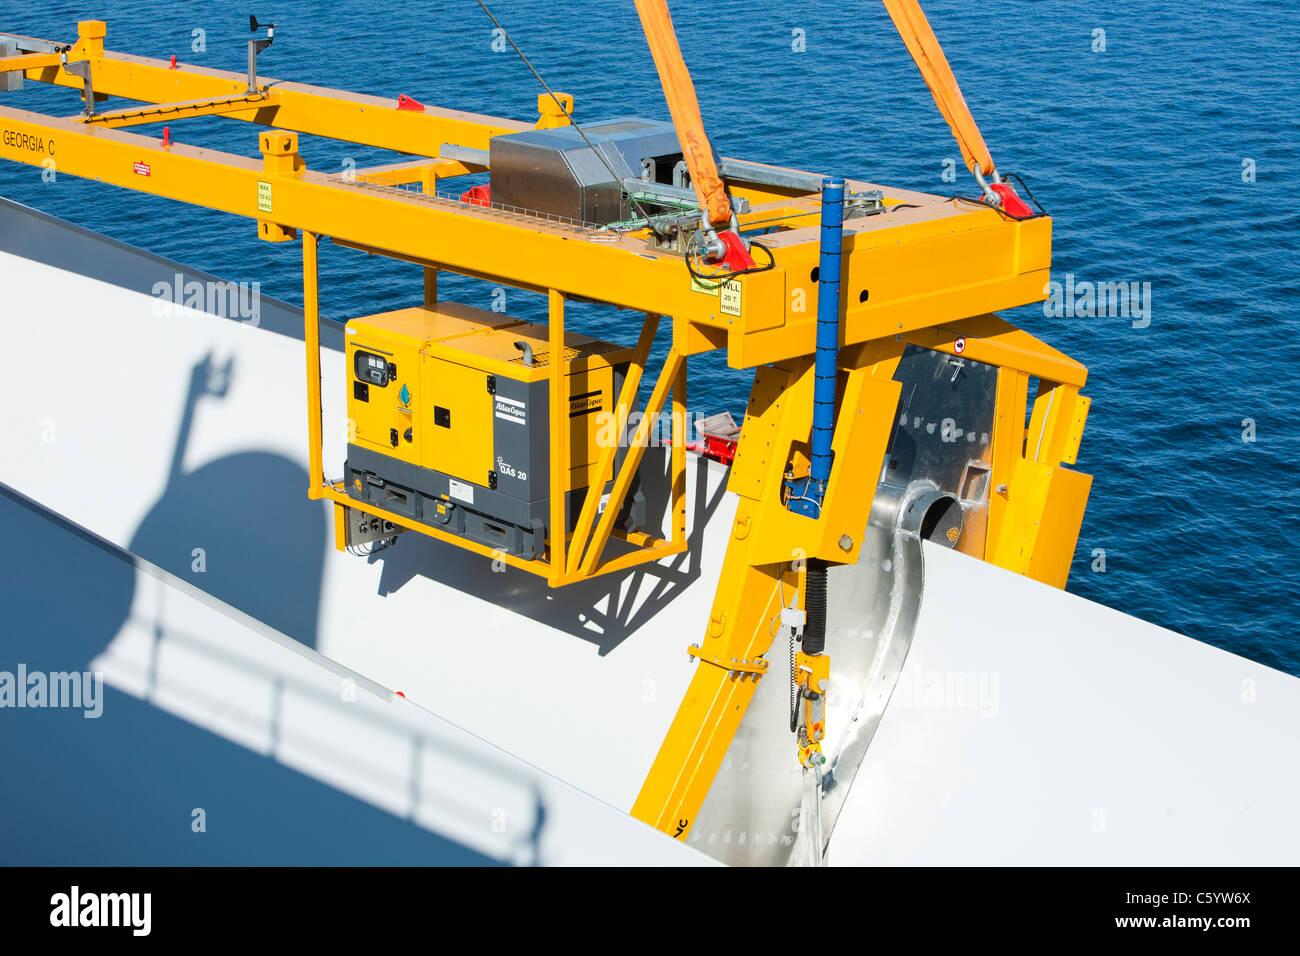 Le cric l'barge, Kraken, utilise une station de levage spécialiste pour soulever les pales de l'éolienne Photo Stock